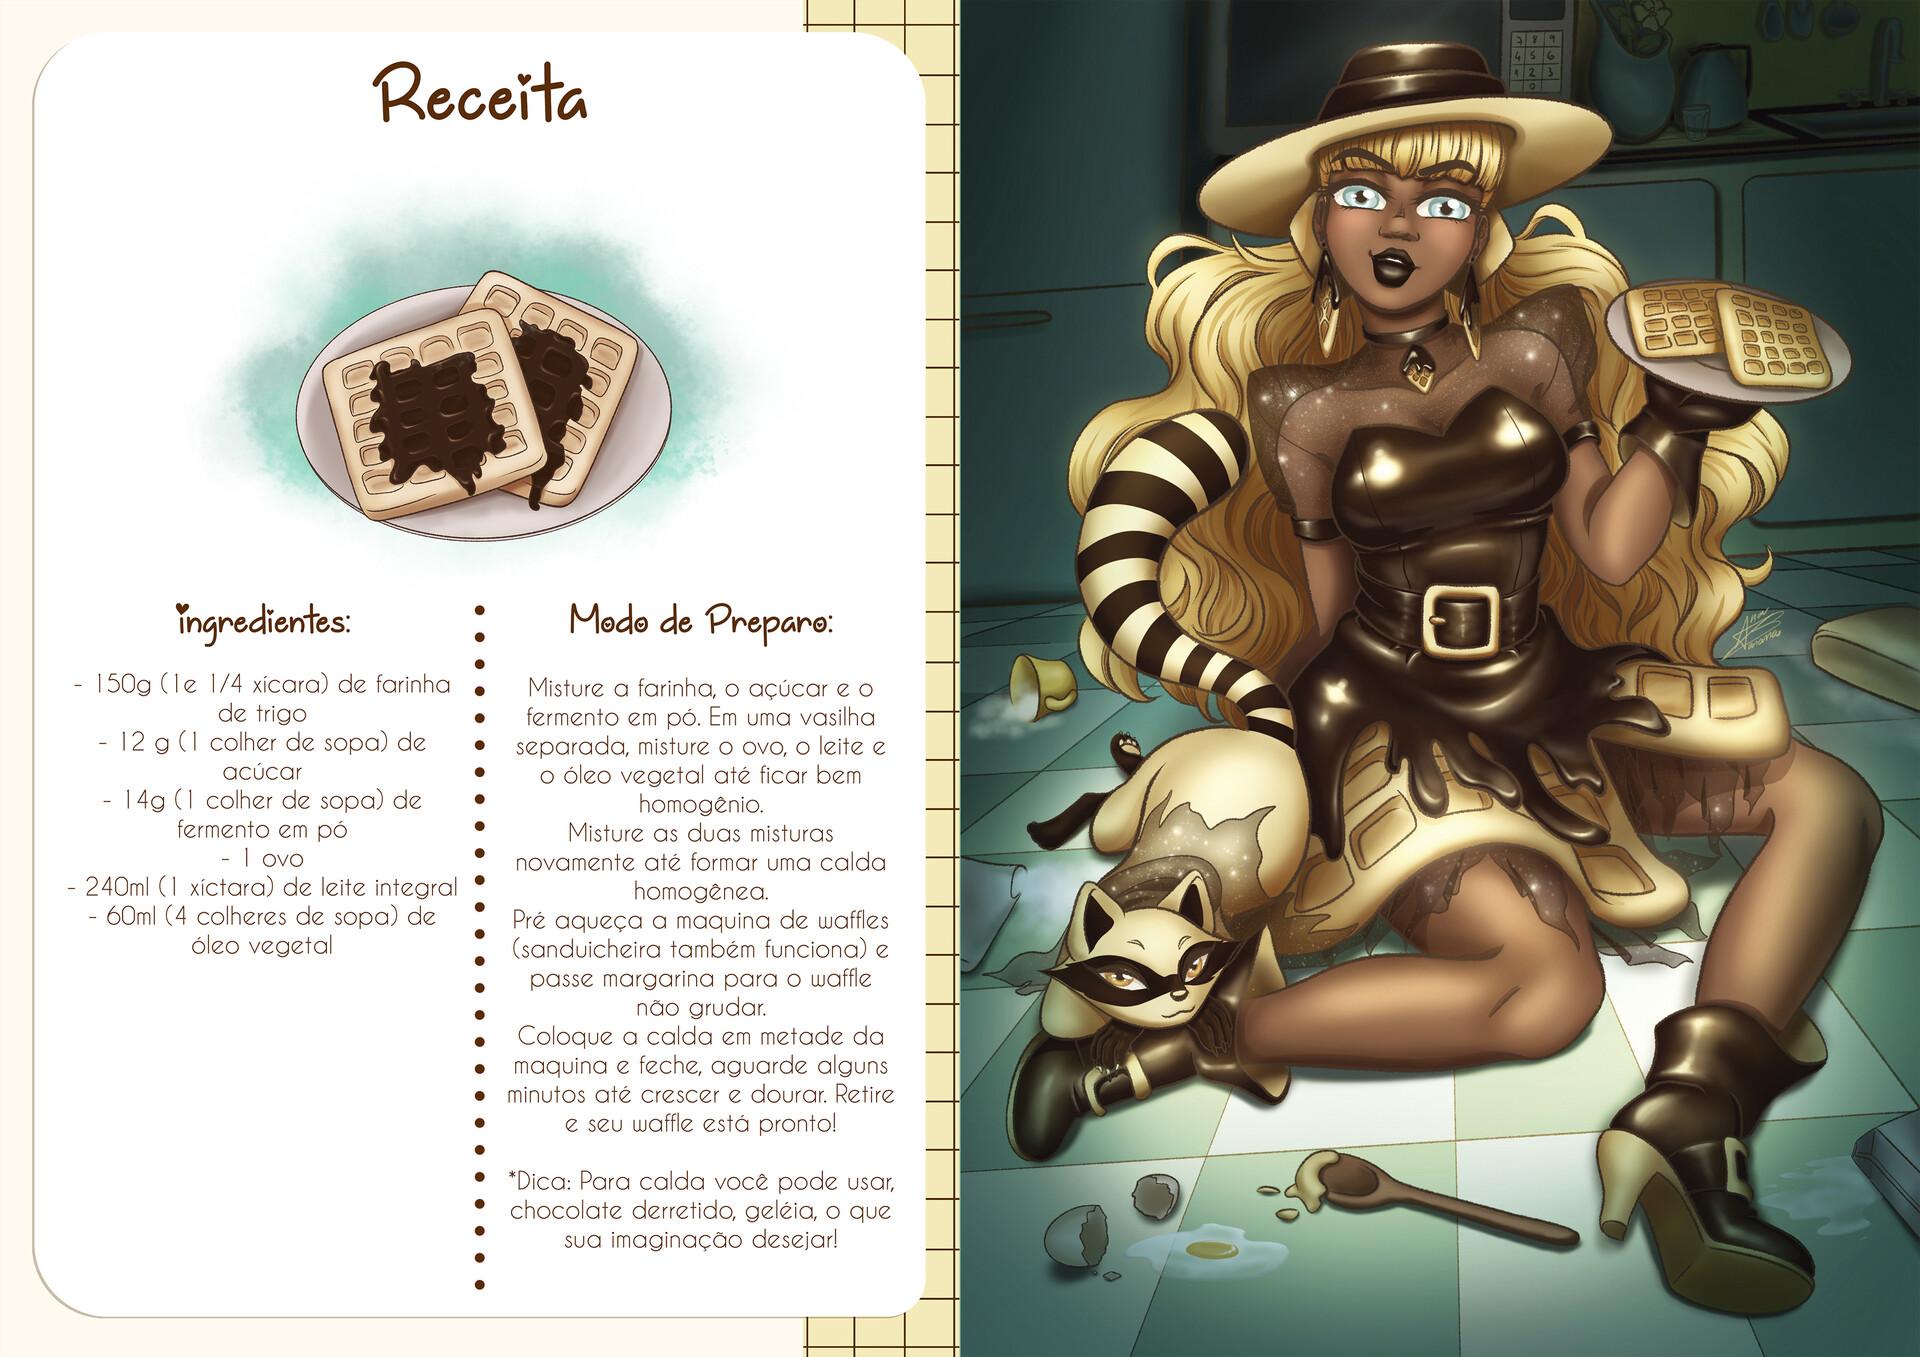 Receita e ilustração da bruxinha Wanda Waffle